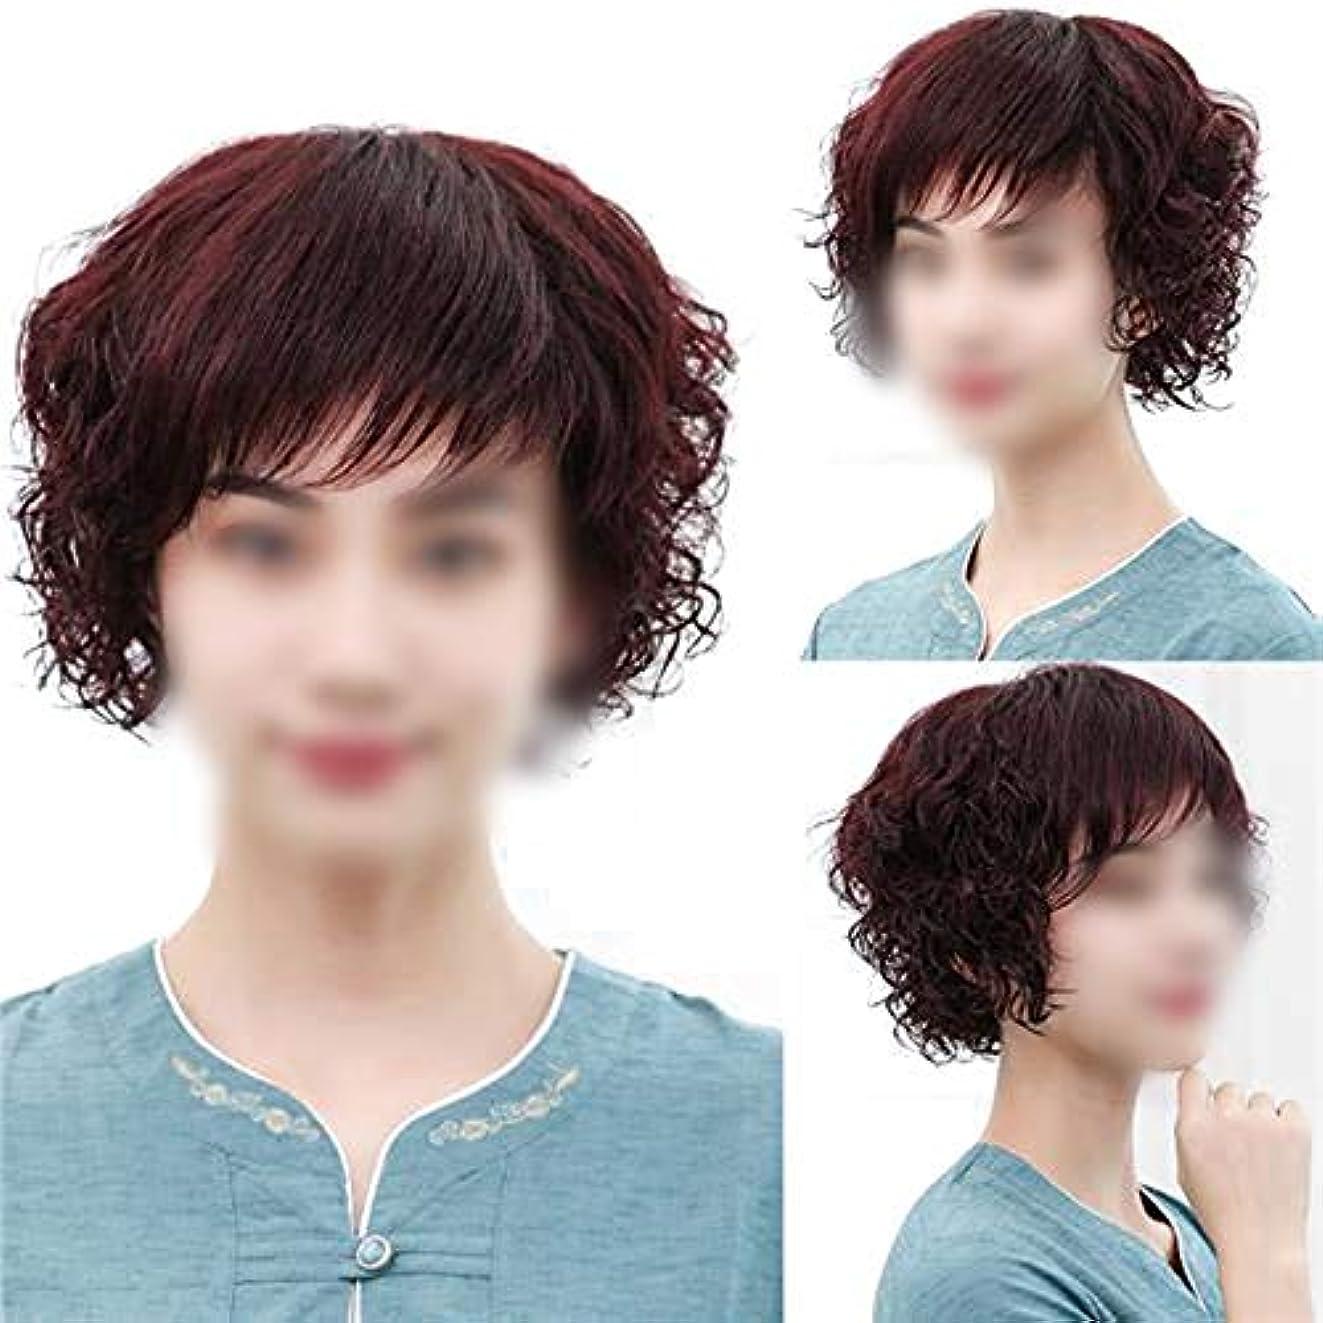 ハーブ遠洋の分配しますYOUQIU フル手織り実髪ふわふわショートカーリーヘアウィッグ女性用かつらのリアルなナチュラルウィッグ中年 (色 : Dark brown)